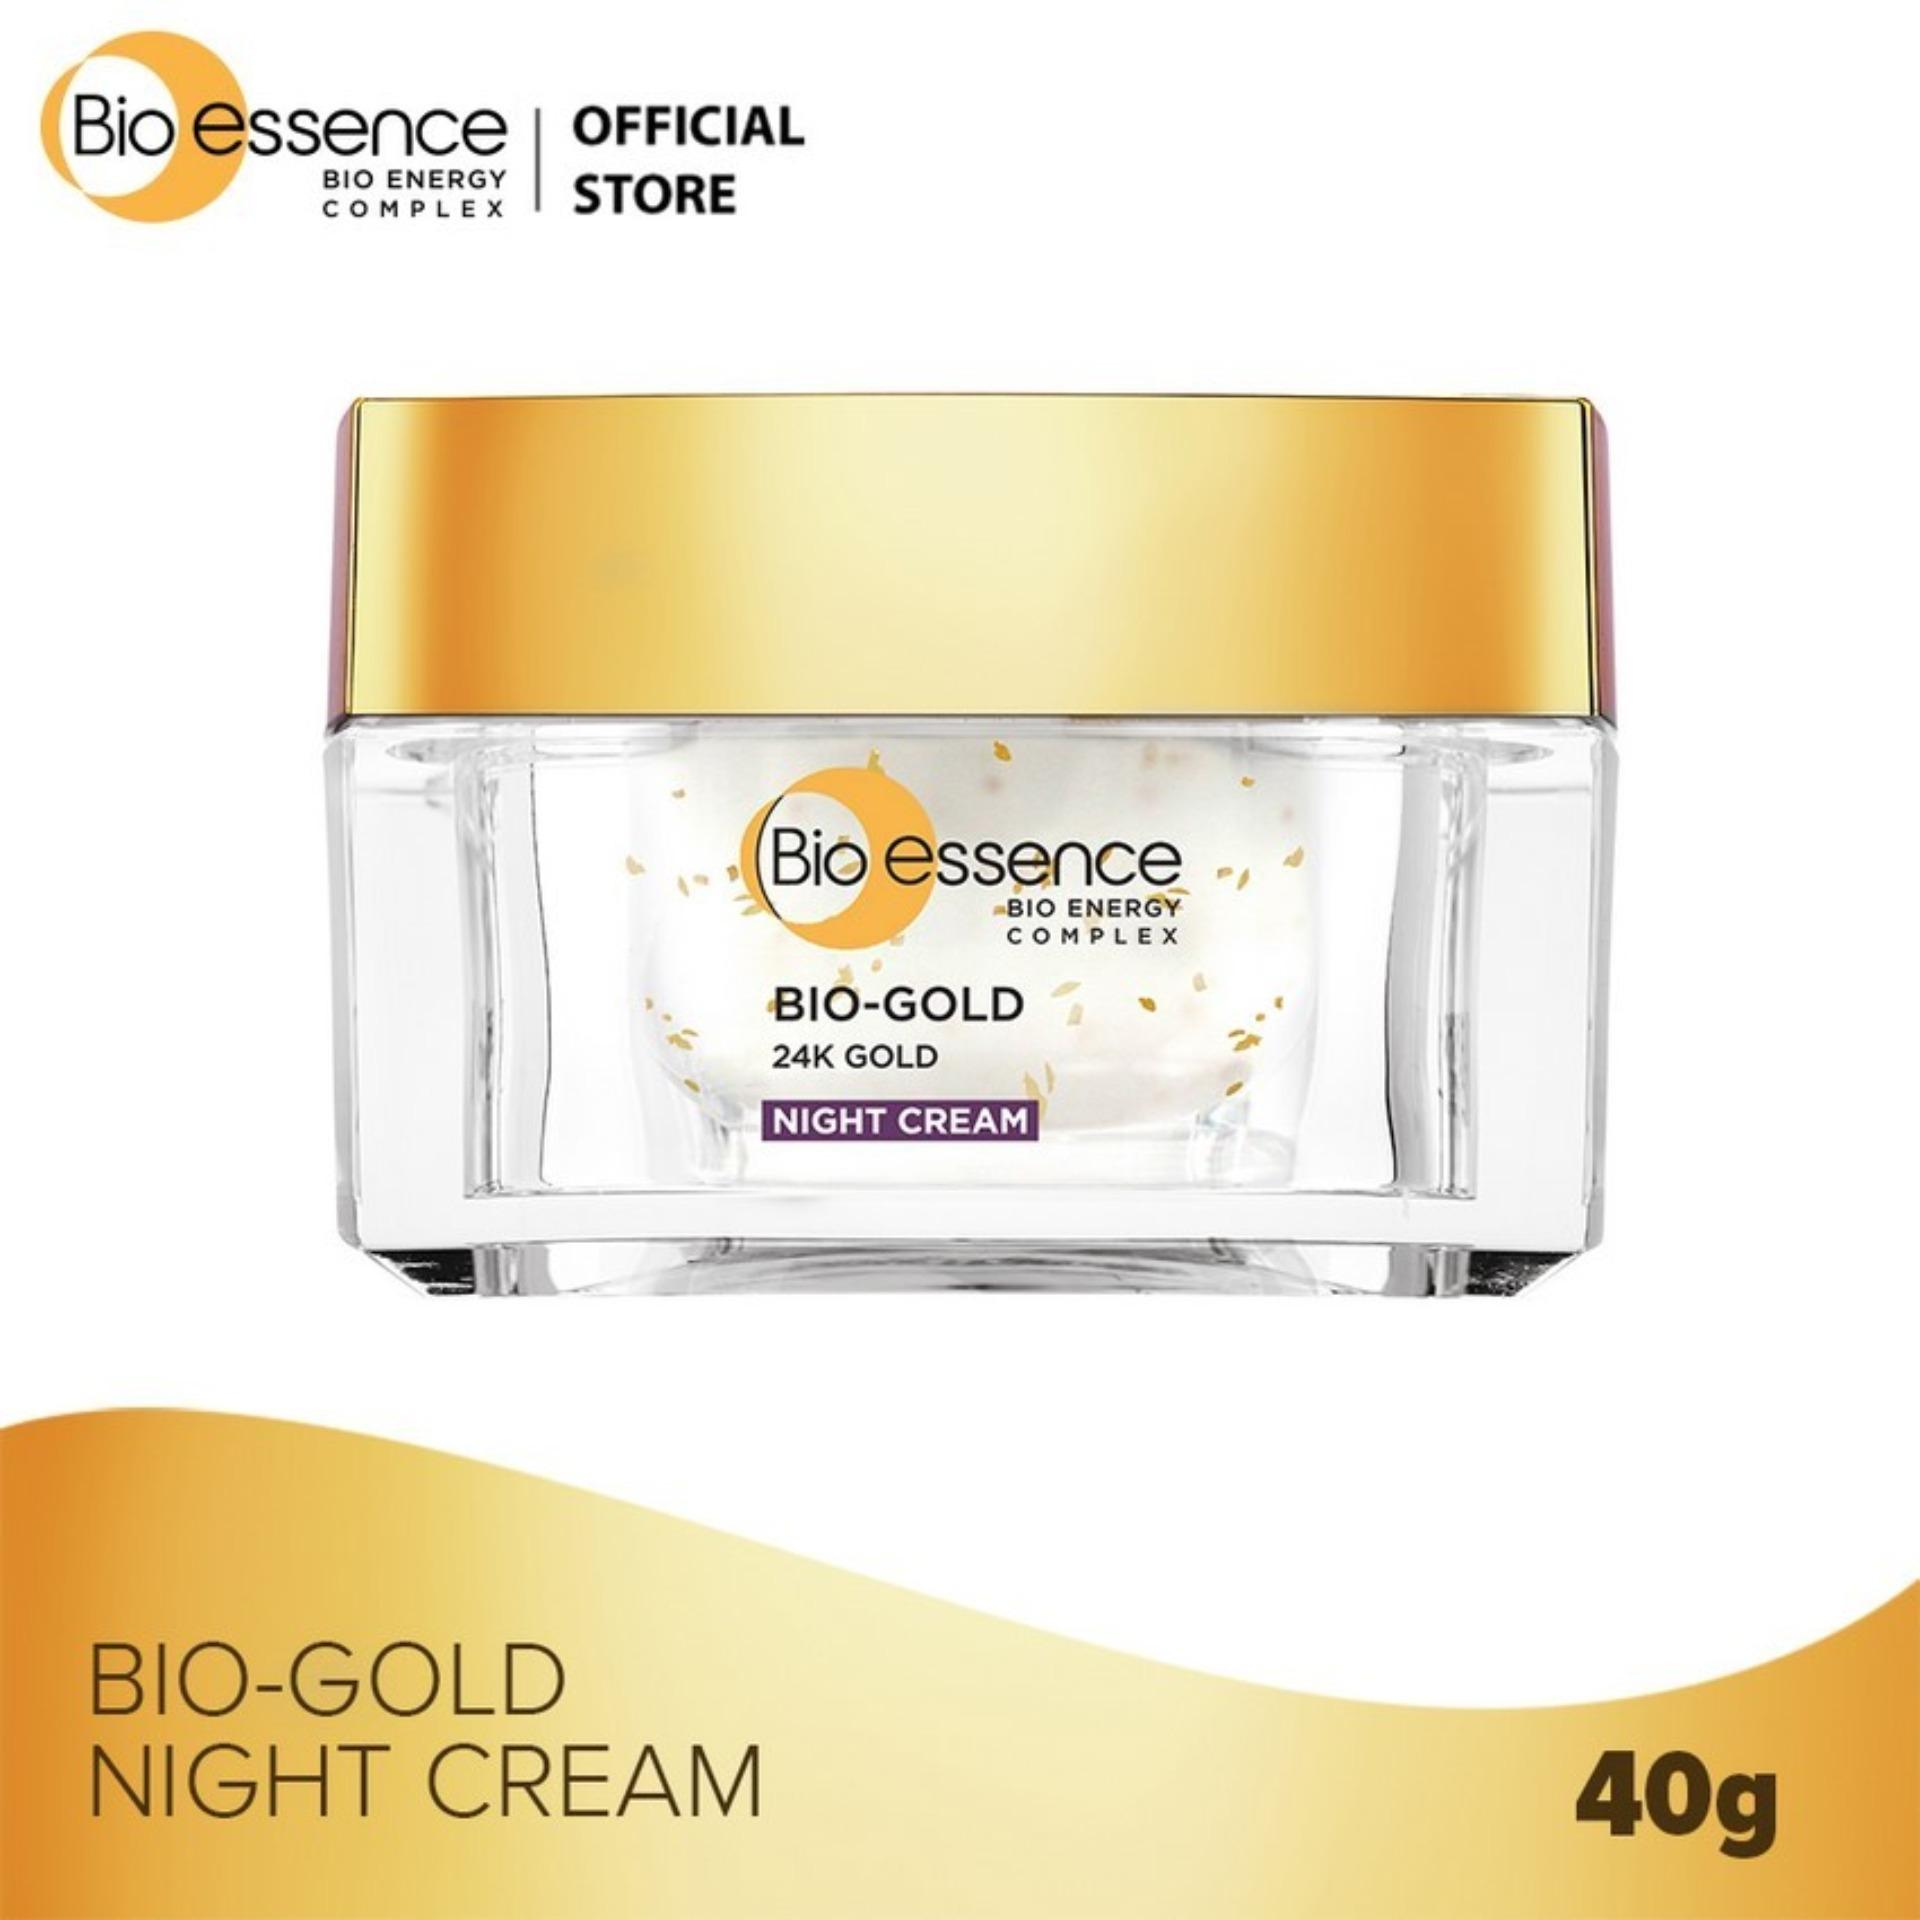 Hình ảnh Kem dưỡng ban đêm ngăn ngừa dấu hiệu lão hóa chiết xuất vàng sinh học 24K Bio-Gold Bio-essence 40g